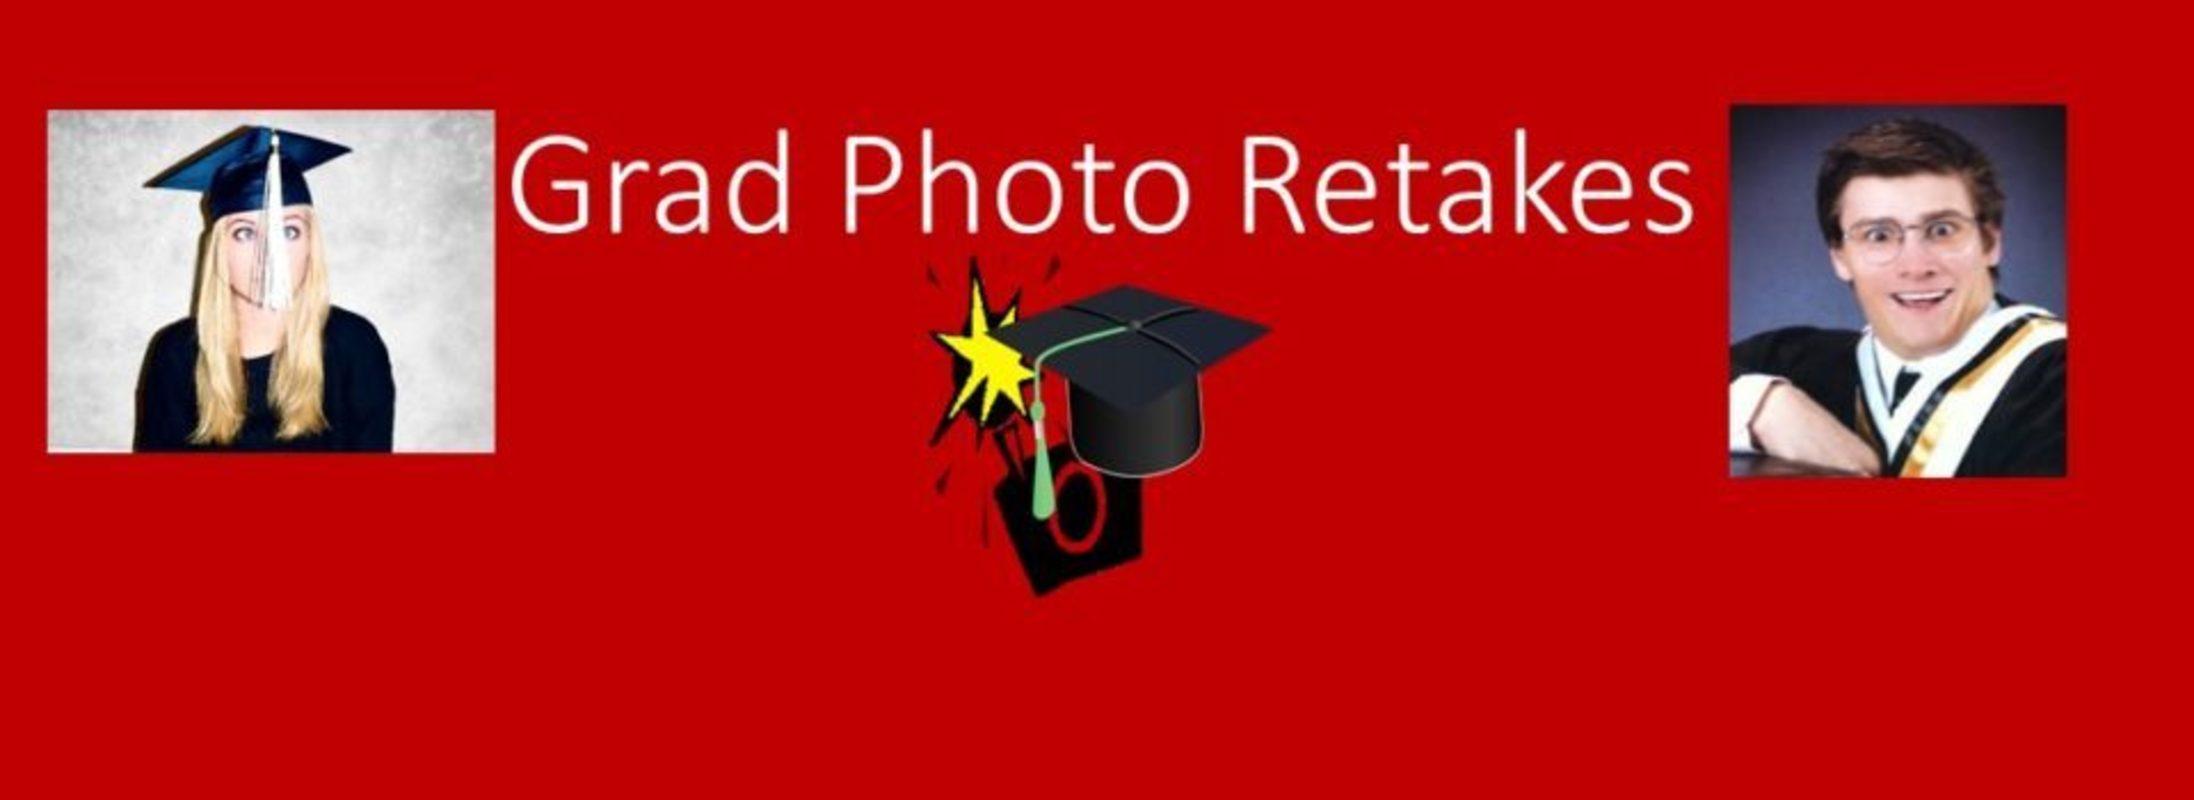 GRAD PHOTO RETAKES